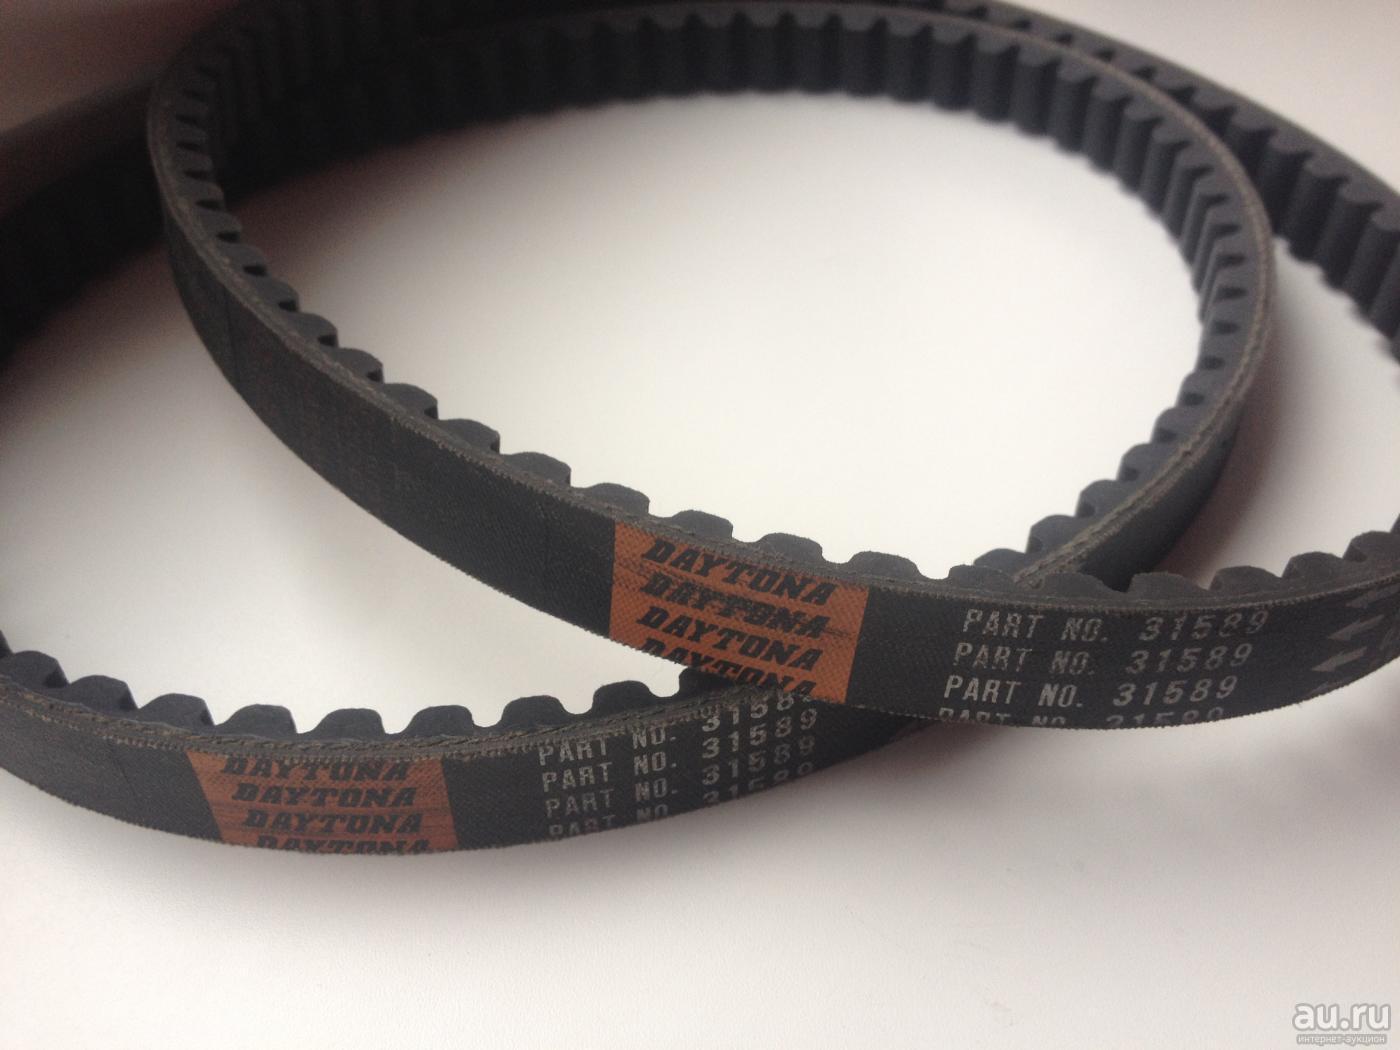 Как подобрать ремень вариатора для скутера Honda — размеры и маркировка по моделям